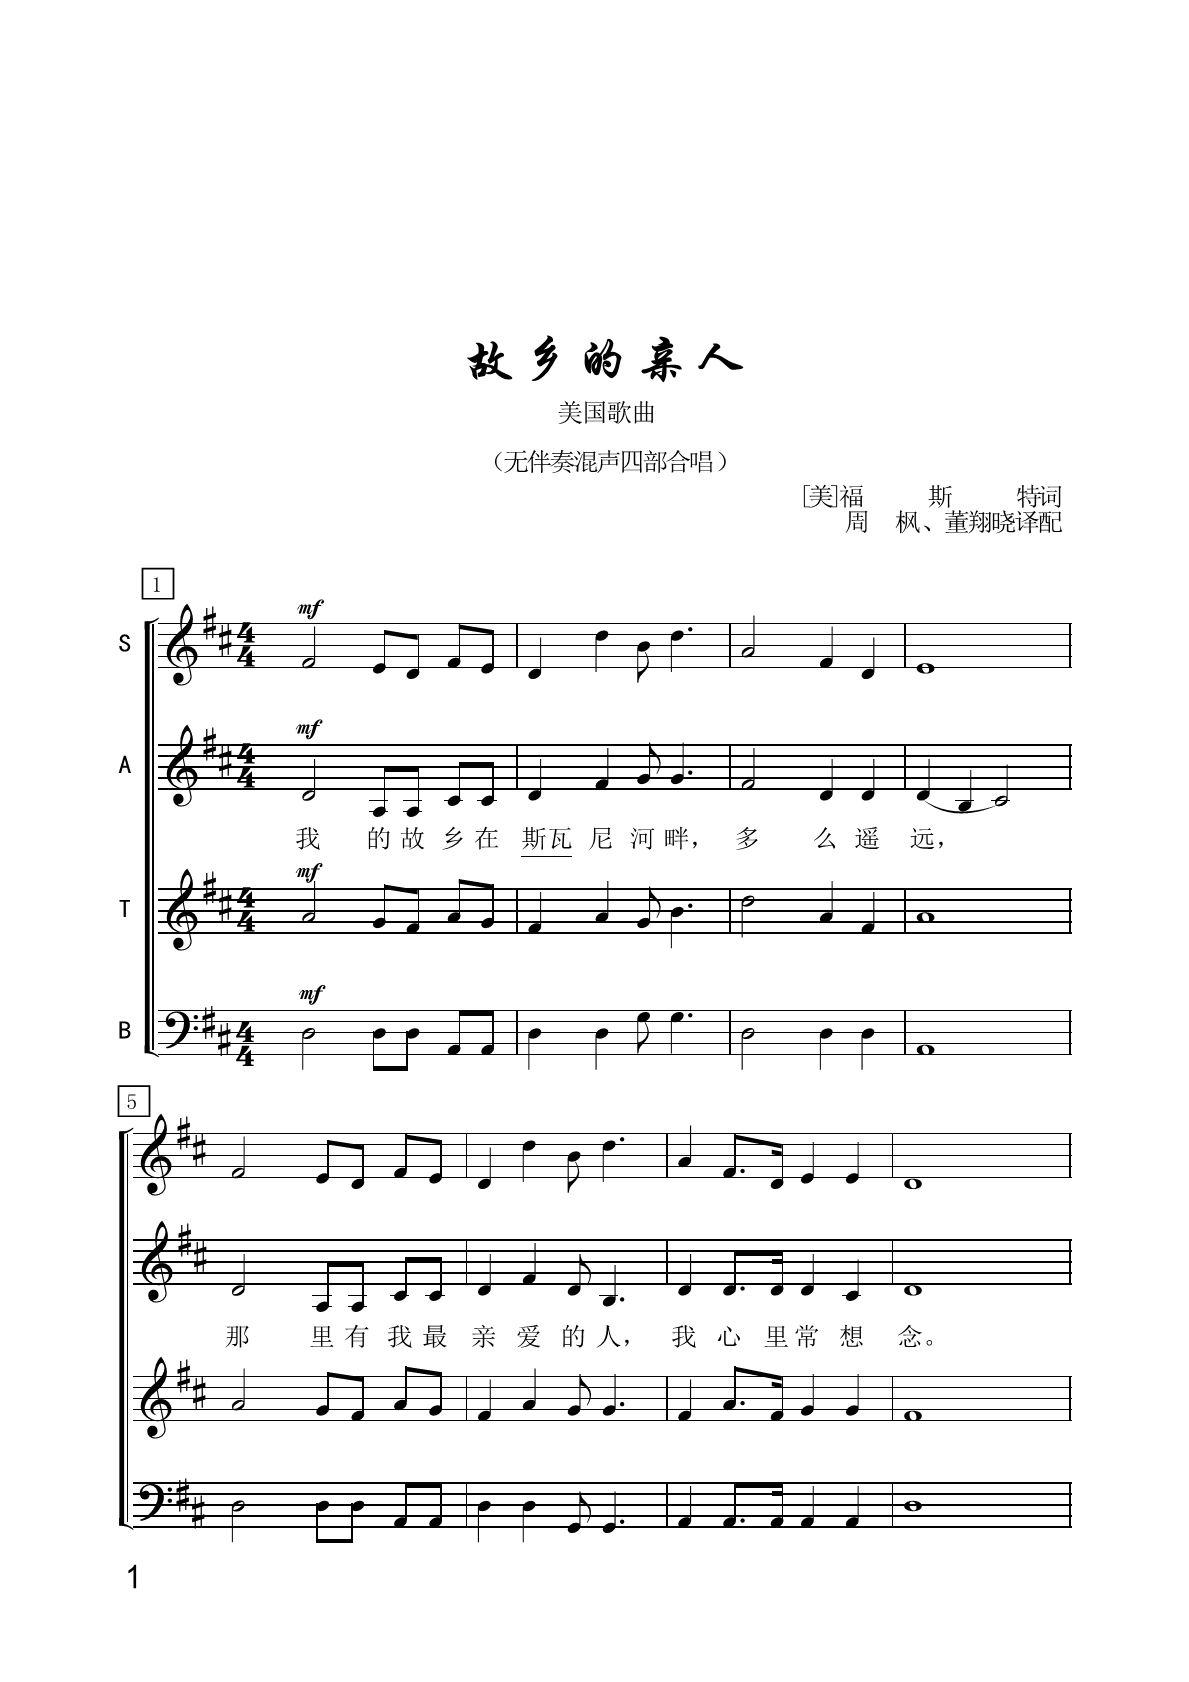 5线曲谱_钢琴简单曲谱